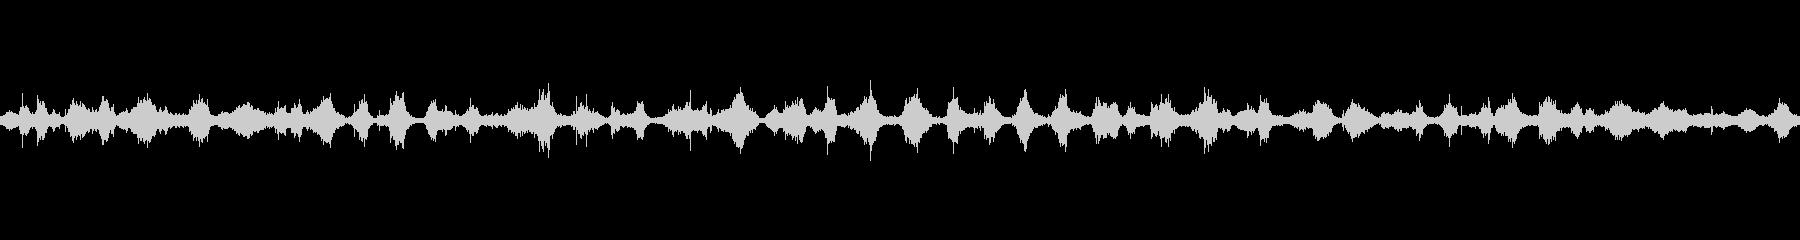 【バイノーラル】波の音ループ01の未再生の波形